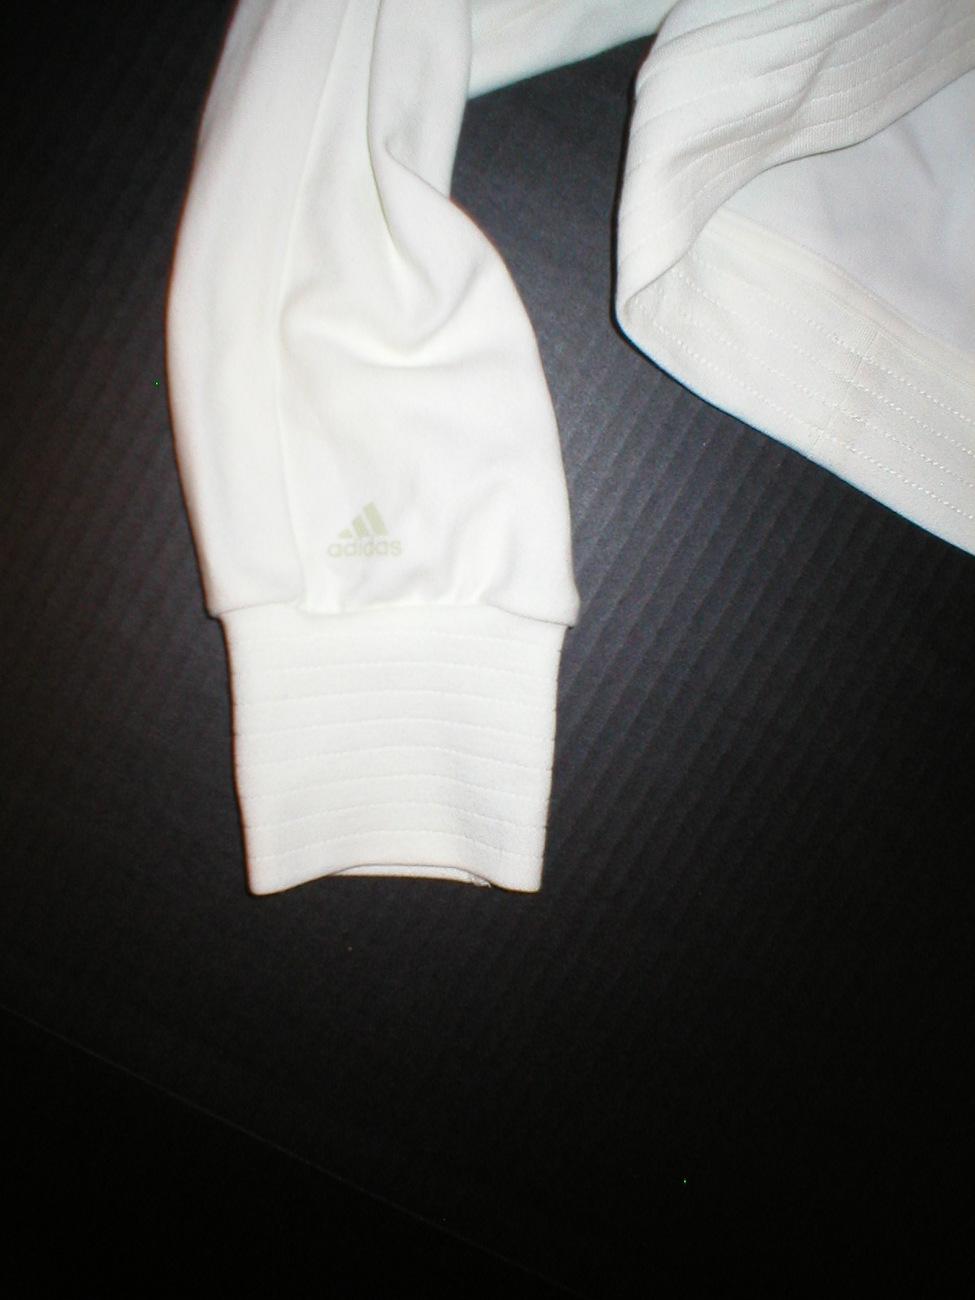 NWT Womens Adidas shrug ivory white Medium jacket M image 3